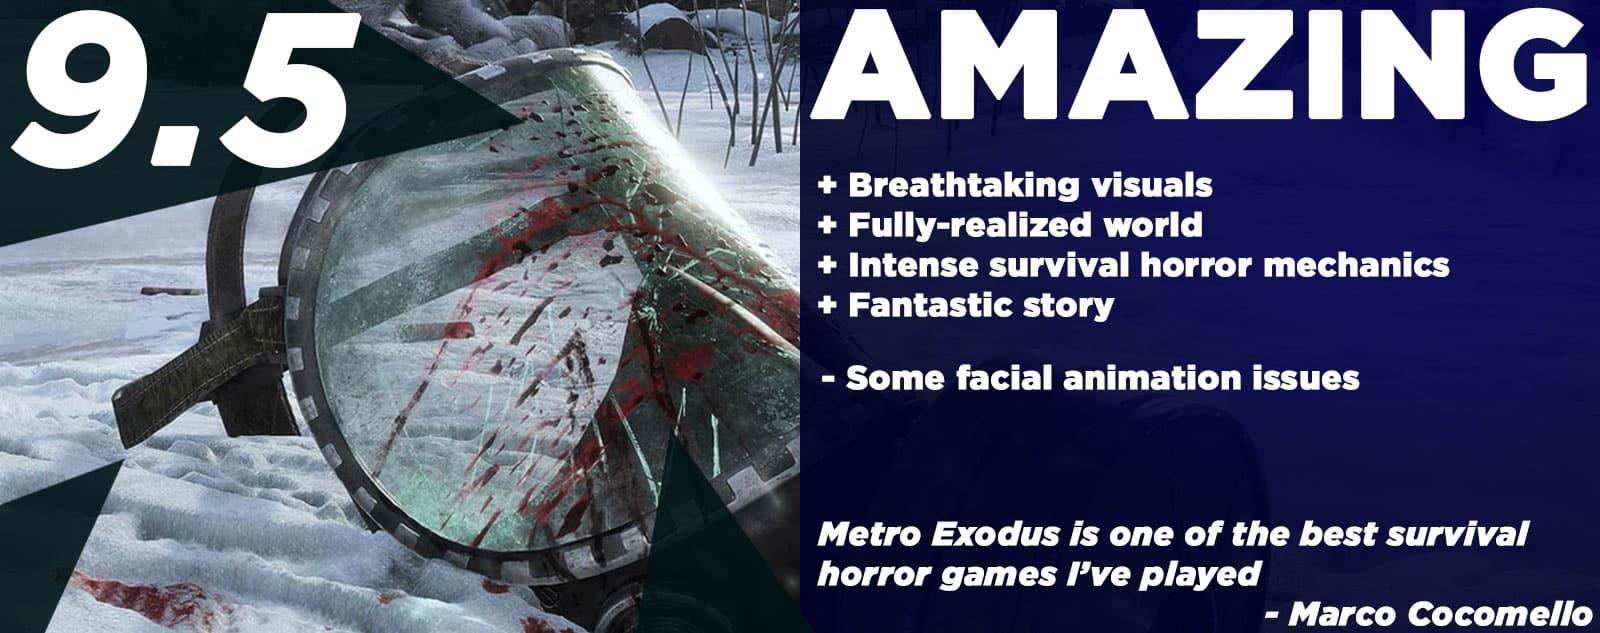 Metro Exodus Review Metro Exodus Enhanced Edition Review